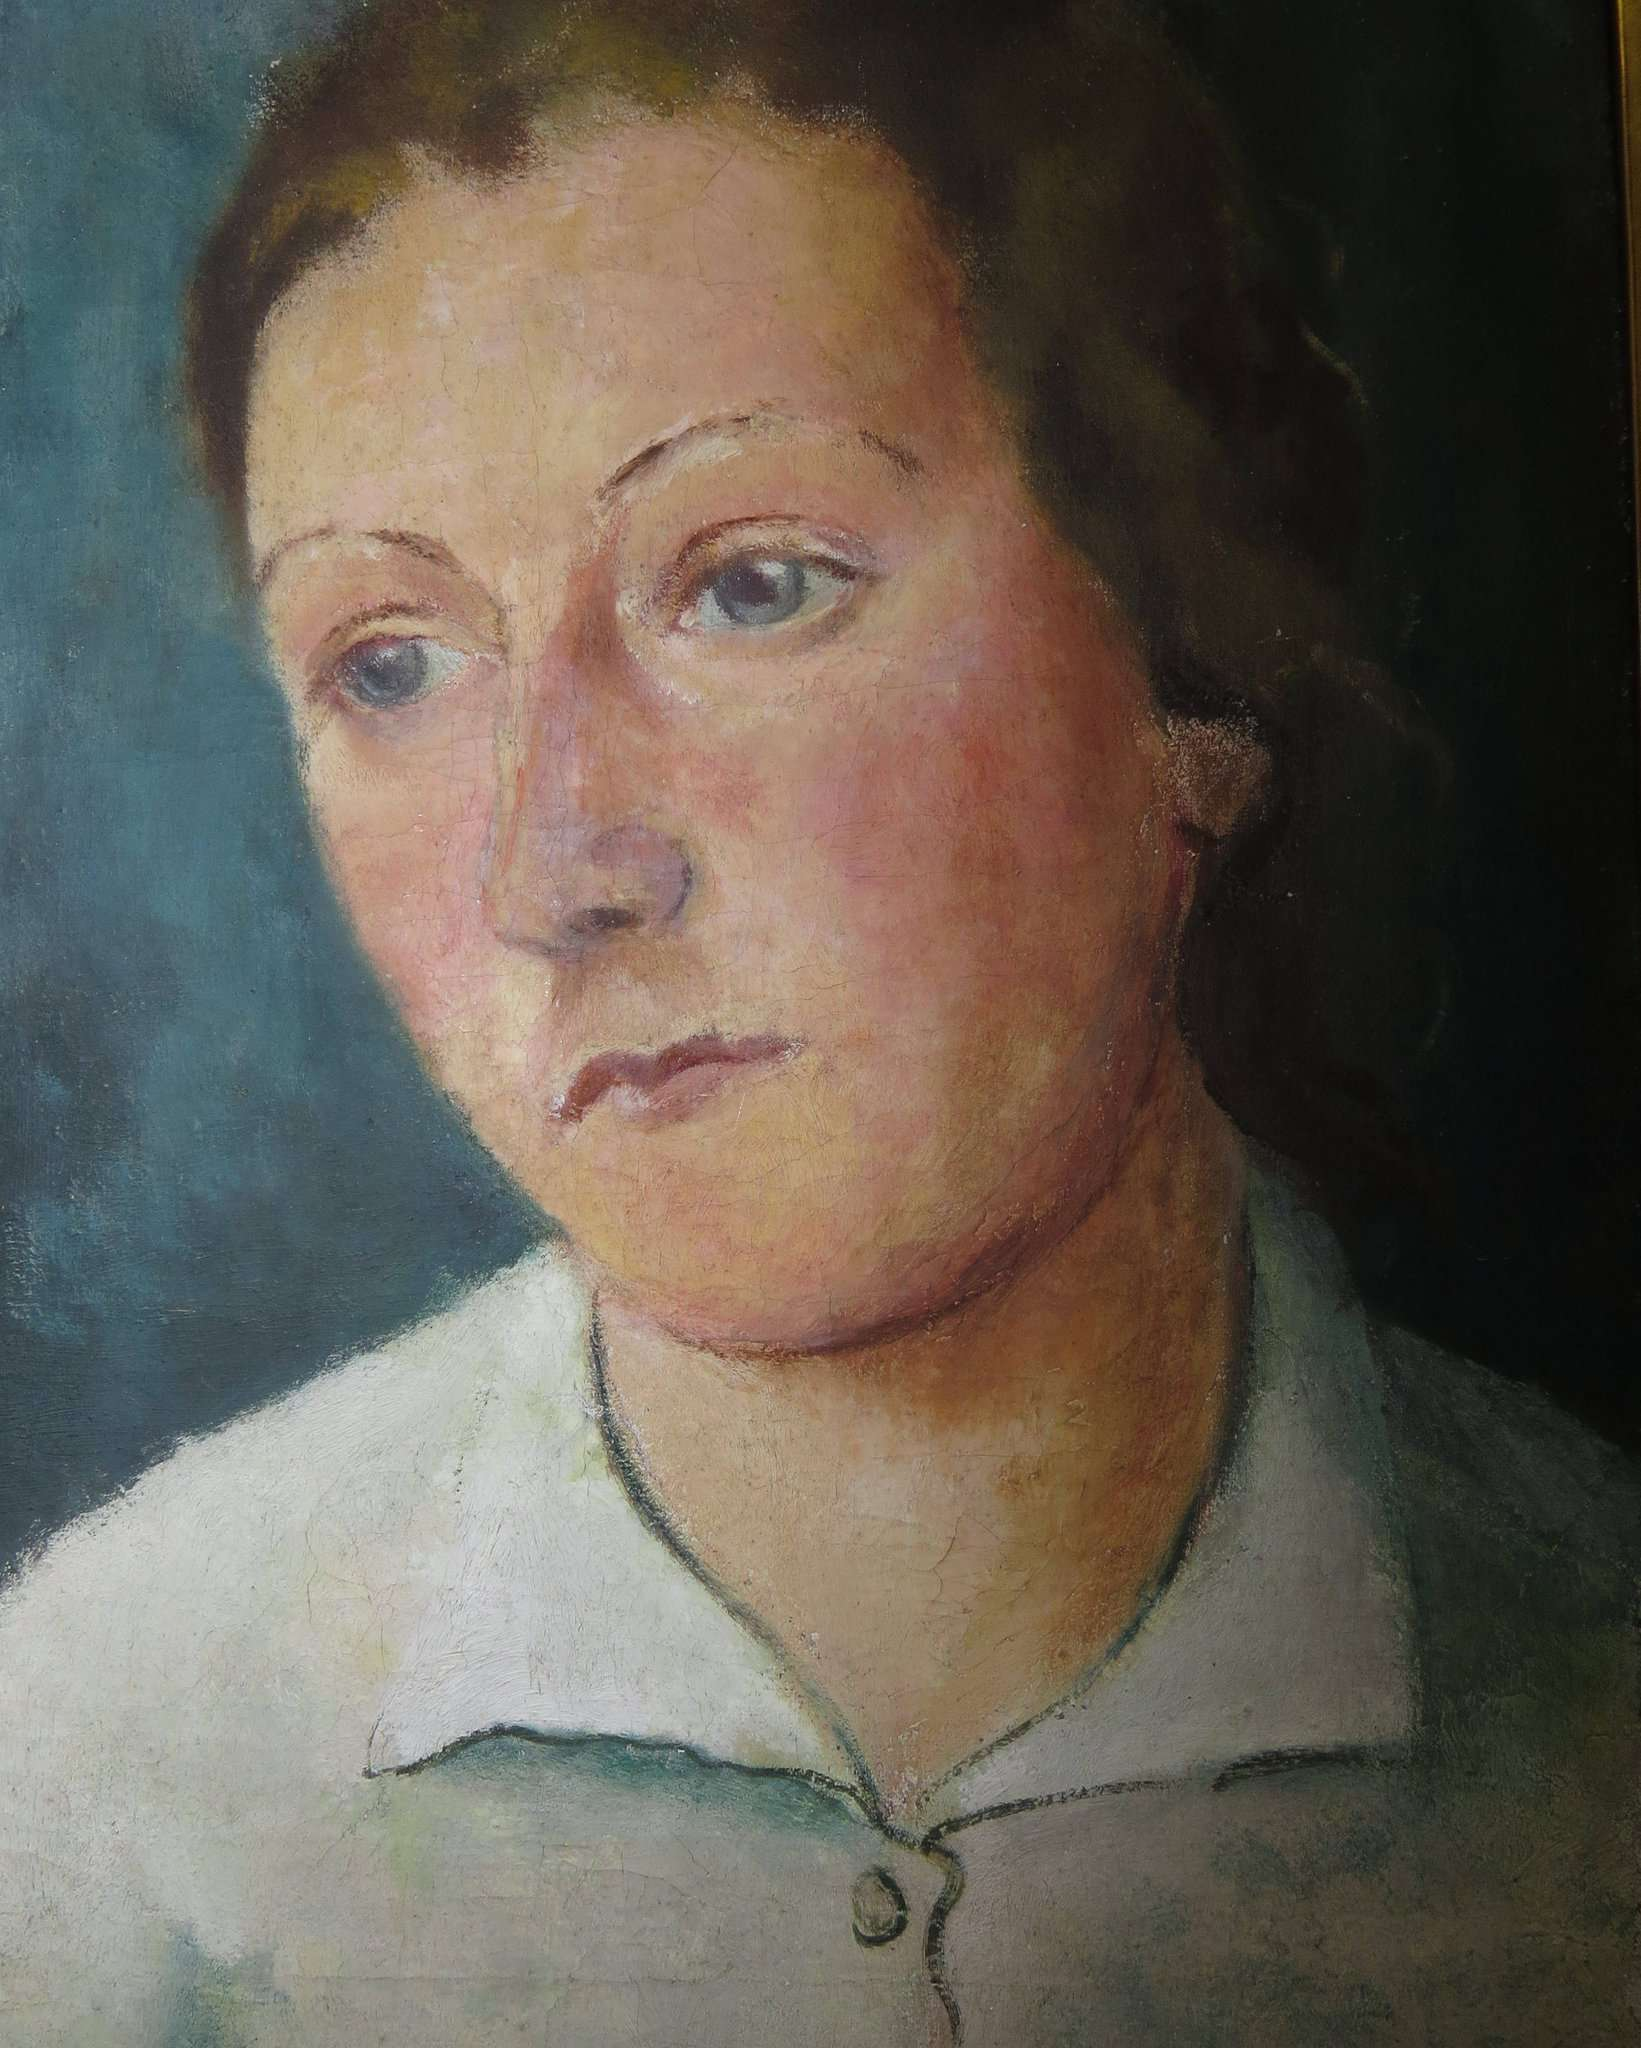 Cato Bontjes van Beek, 1942  Foto: Archiv Saskia Bontjes van Beek